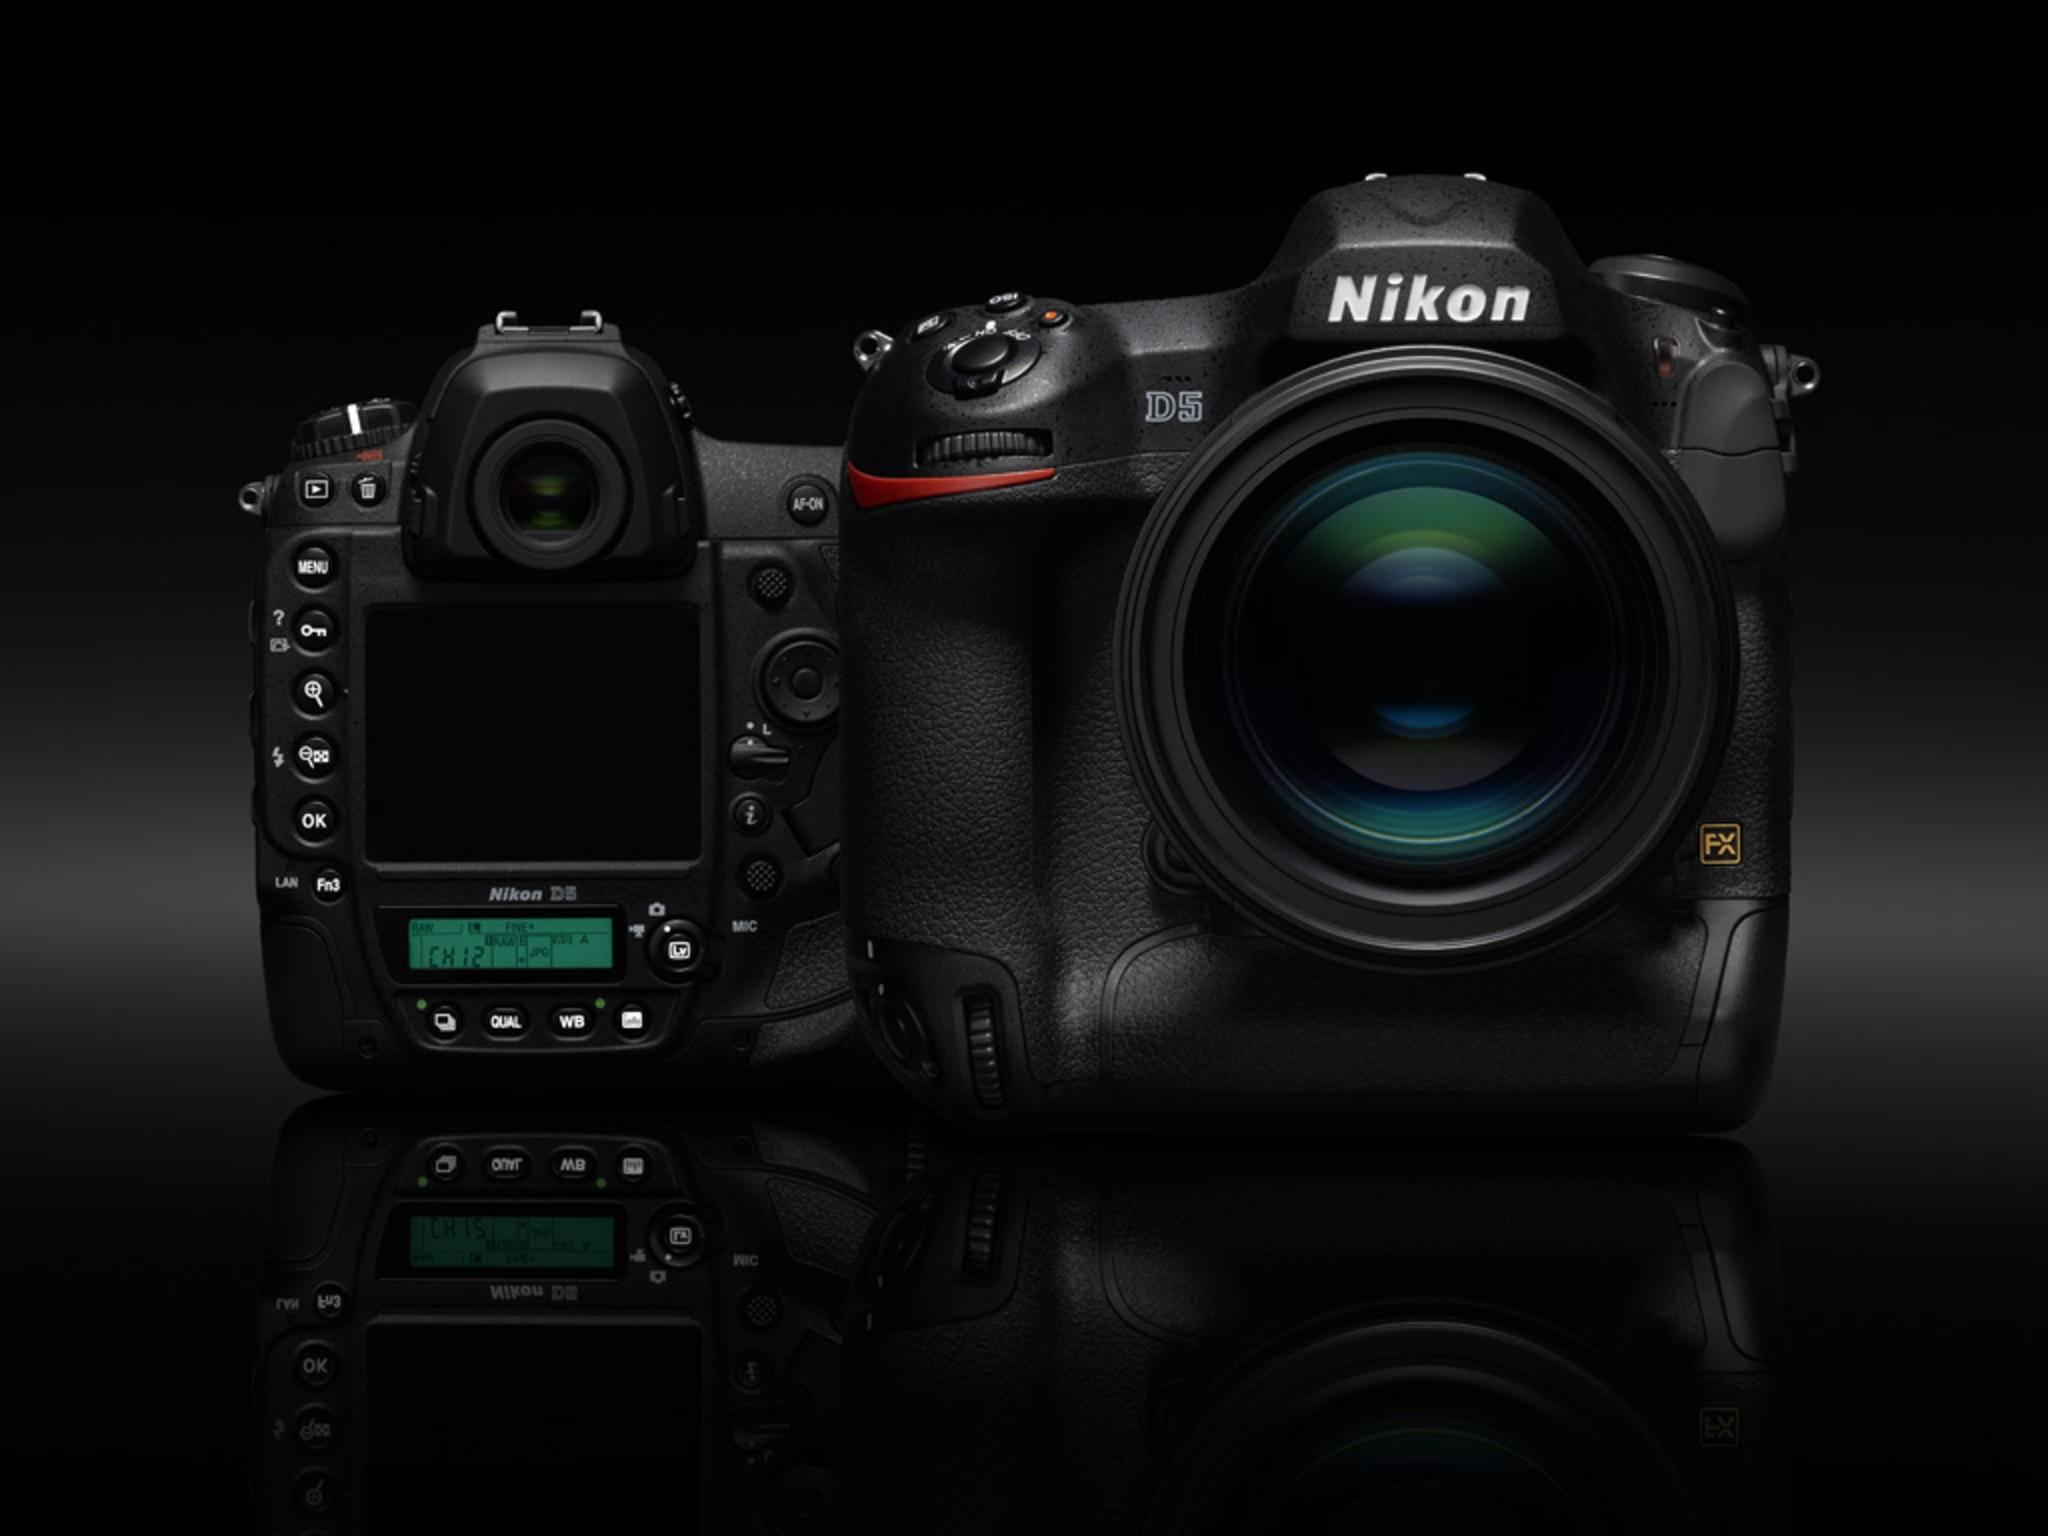 Teures Spitzenmodell: Die neue Nikon D5 wurde auf der CES 2016 vorgestellt.